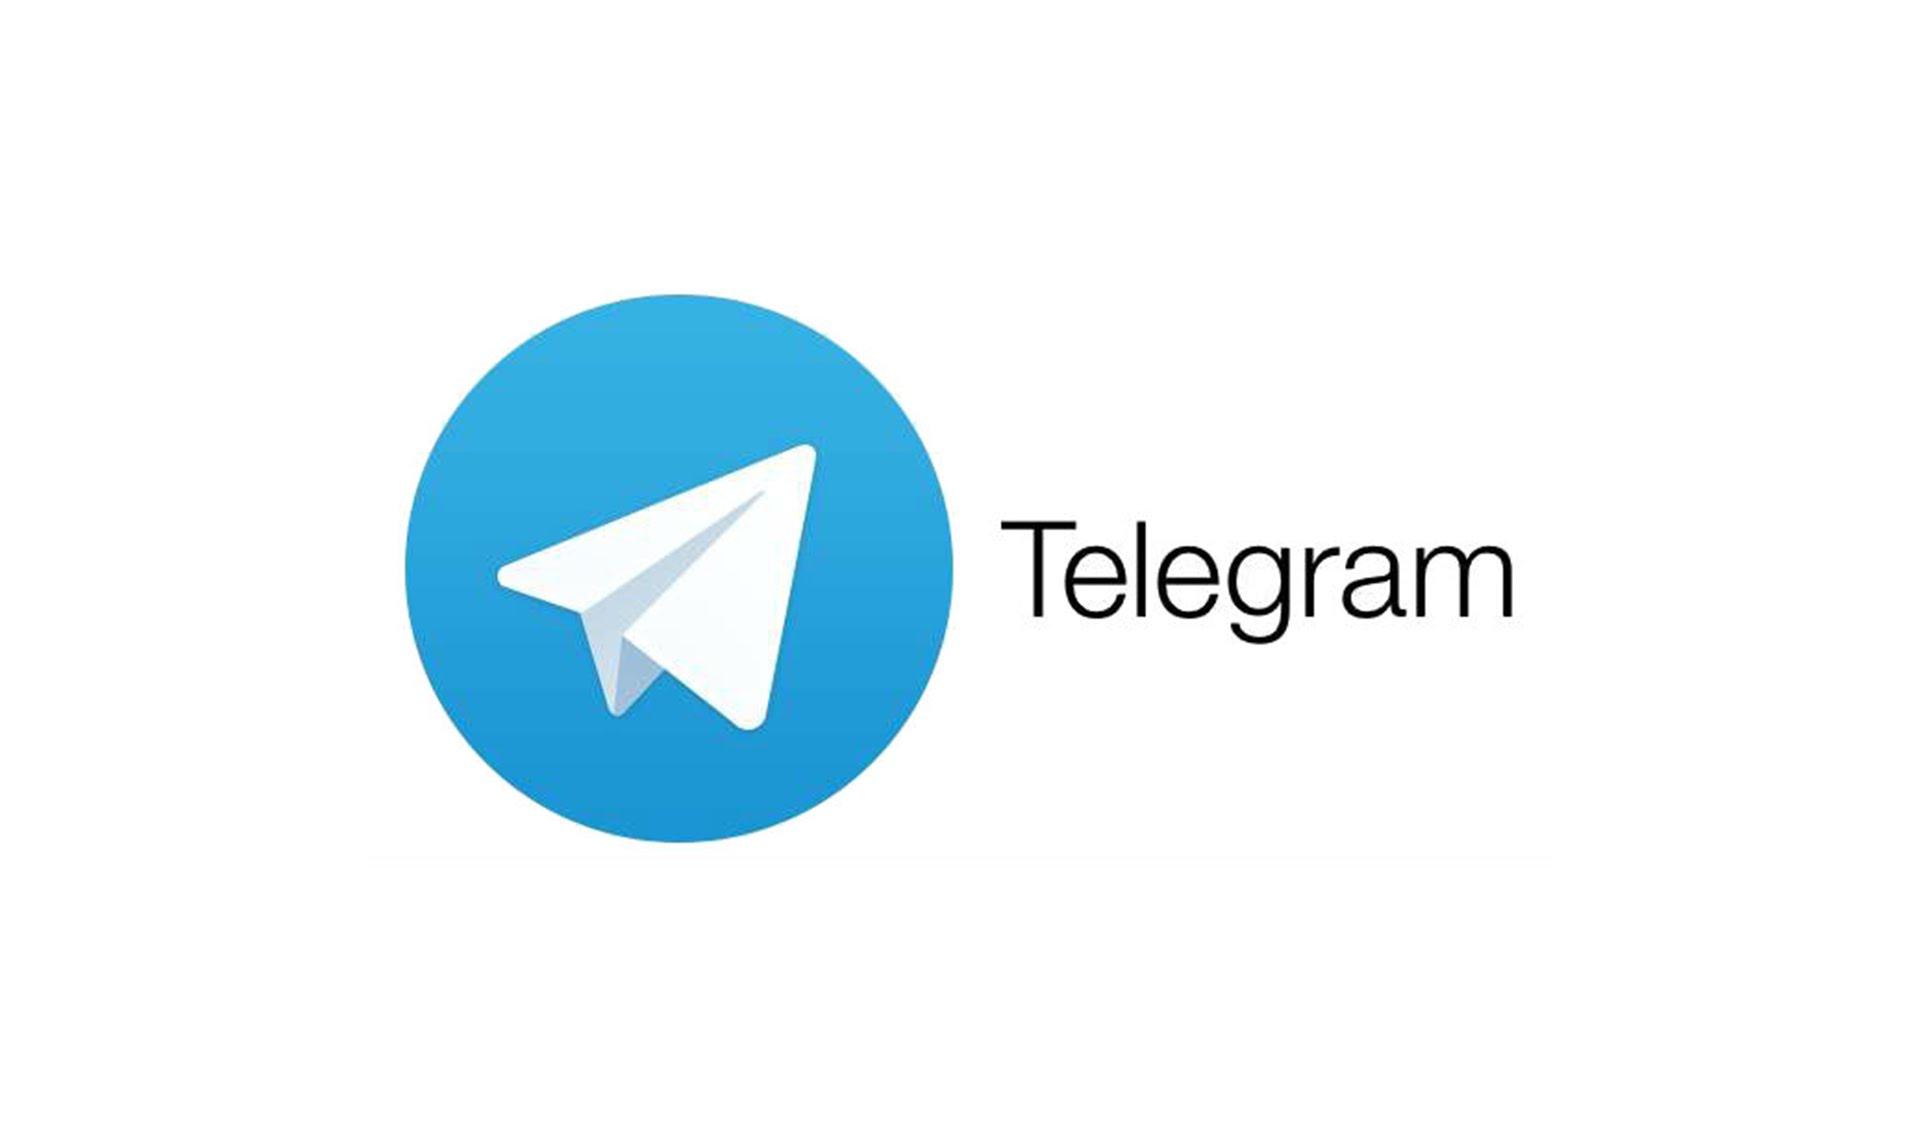 лучшие порно каналы телеграмм фото